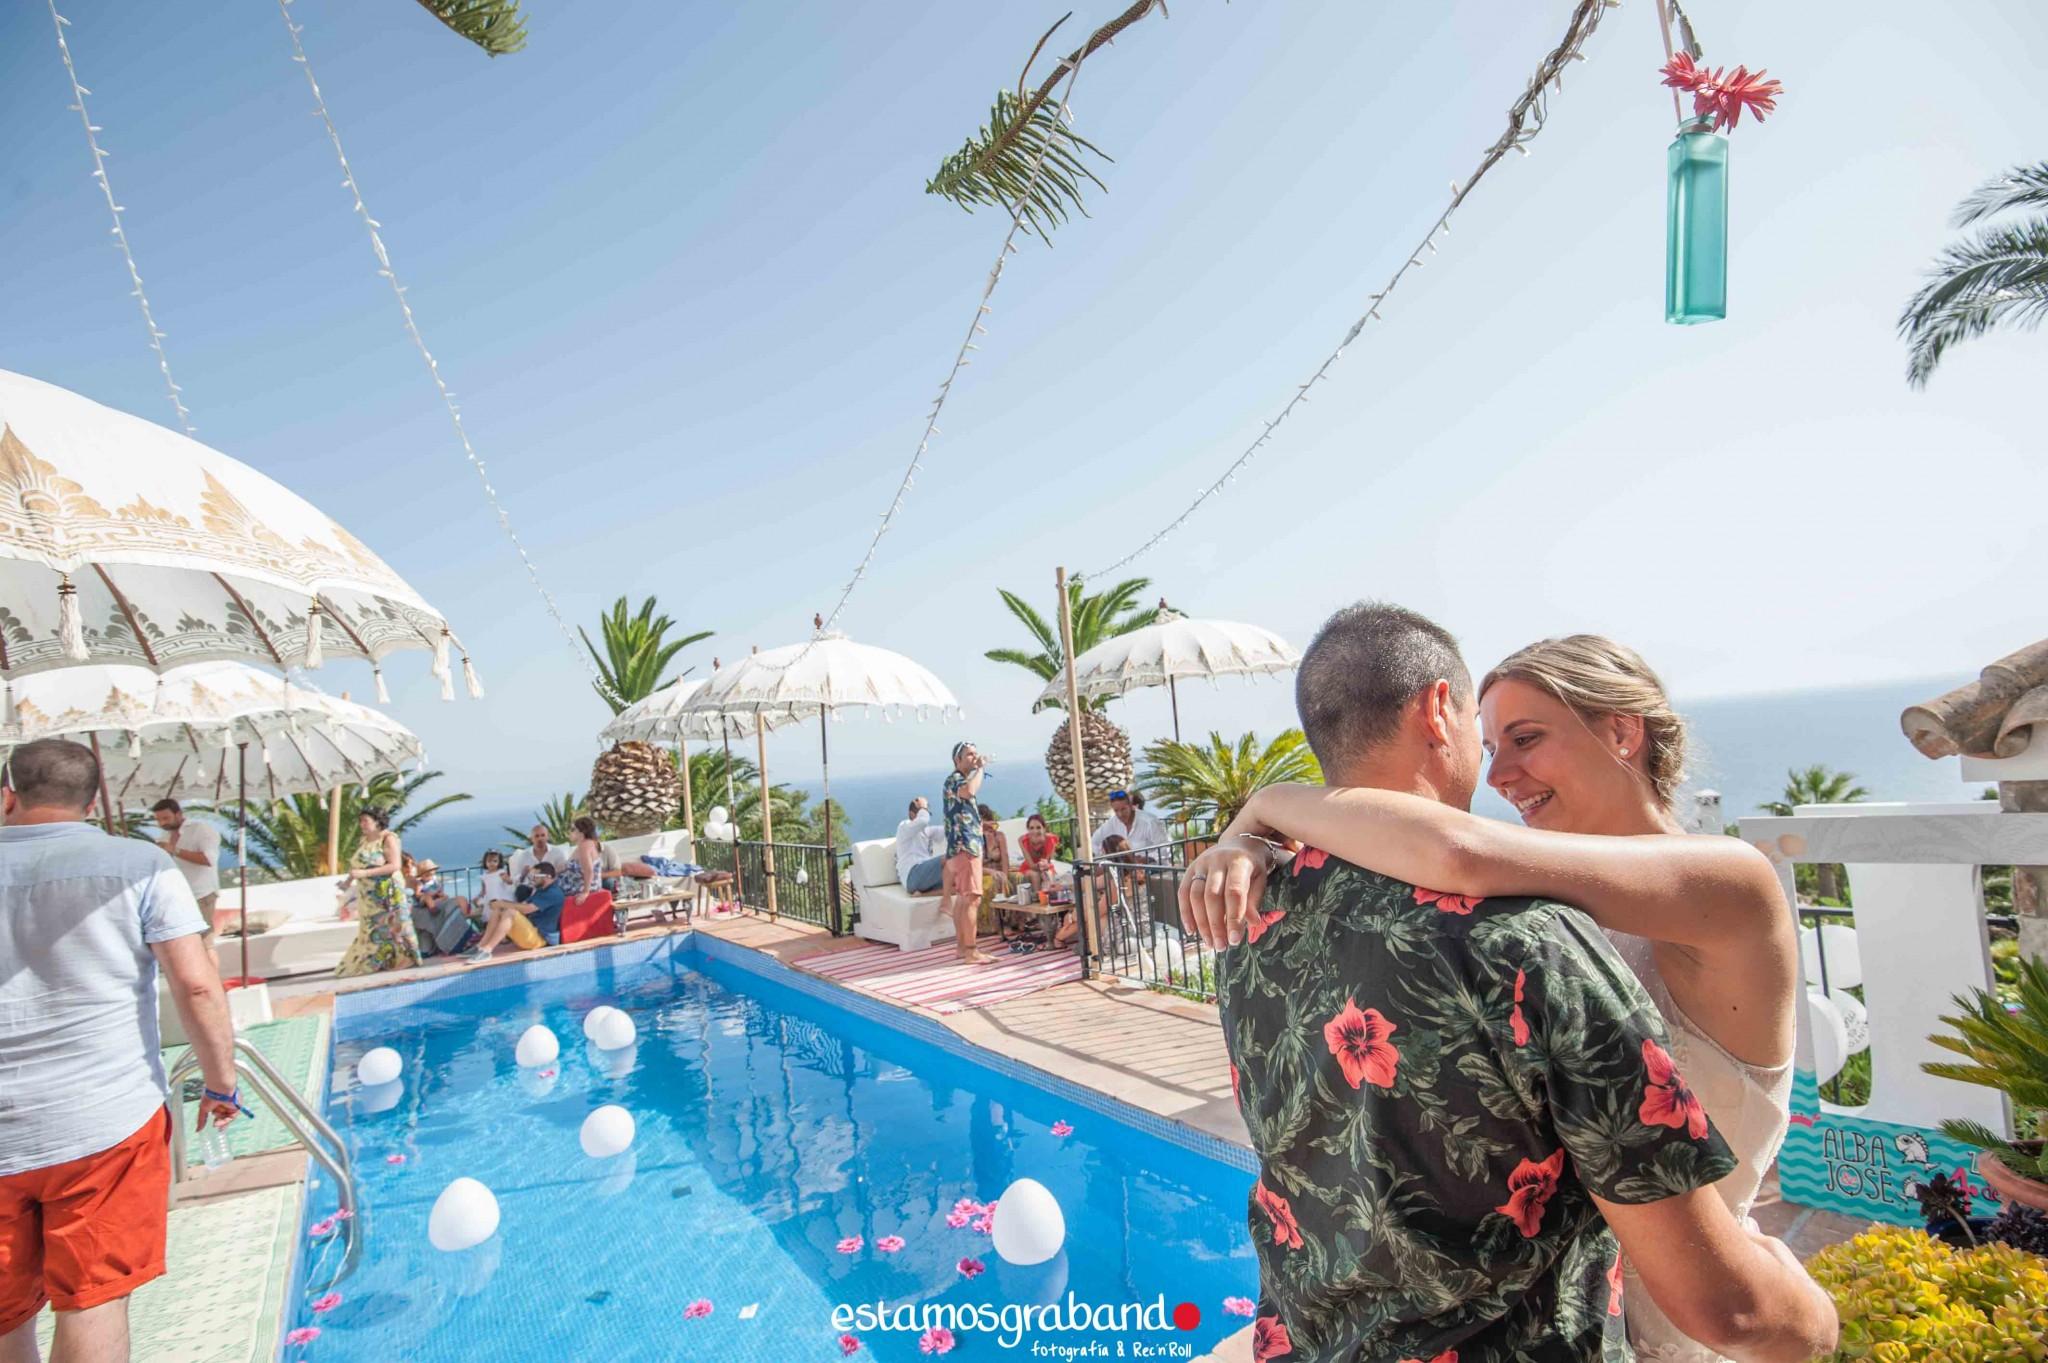 Alba-y-Jose-BTTW-36 Los invitados de Alba & Jose [Back to the wedding_Atlanterra, Zahara de los Atunes] - video boda cadiz